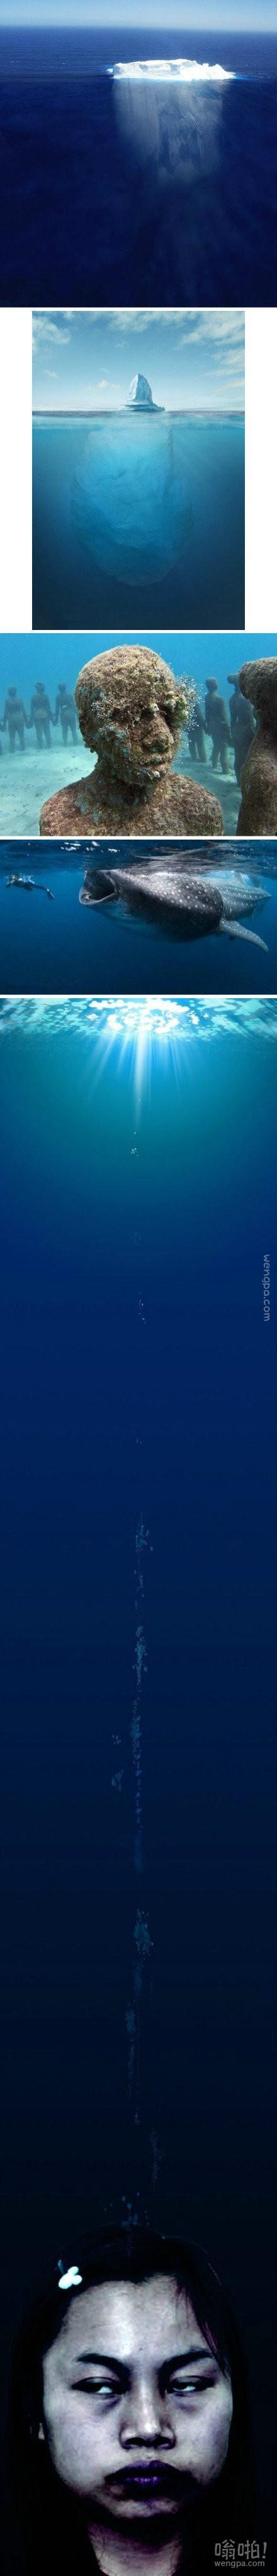 各种深海恐怖,总有一张让你害怕。。。